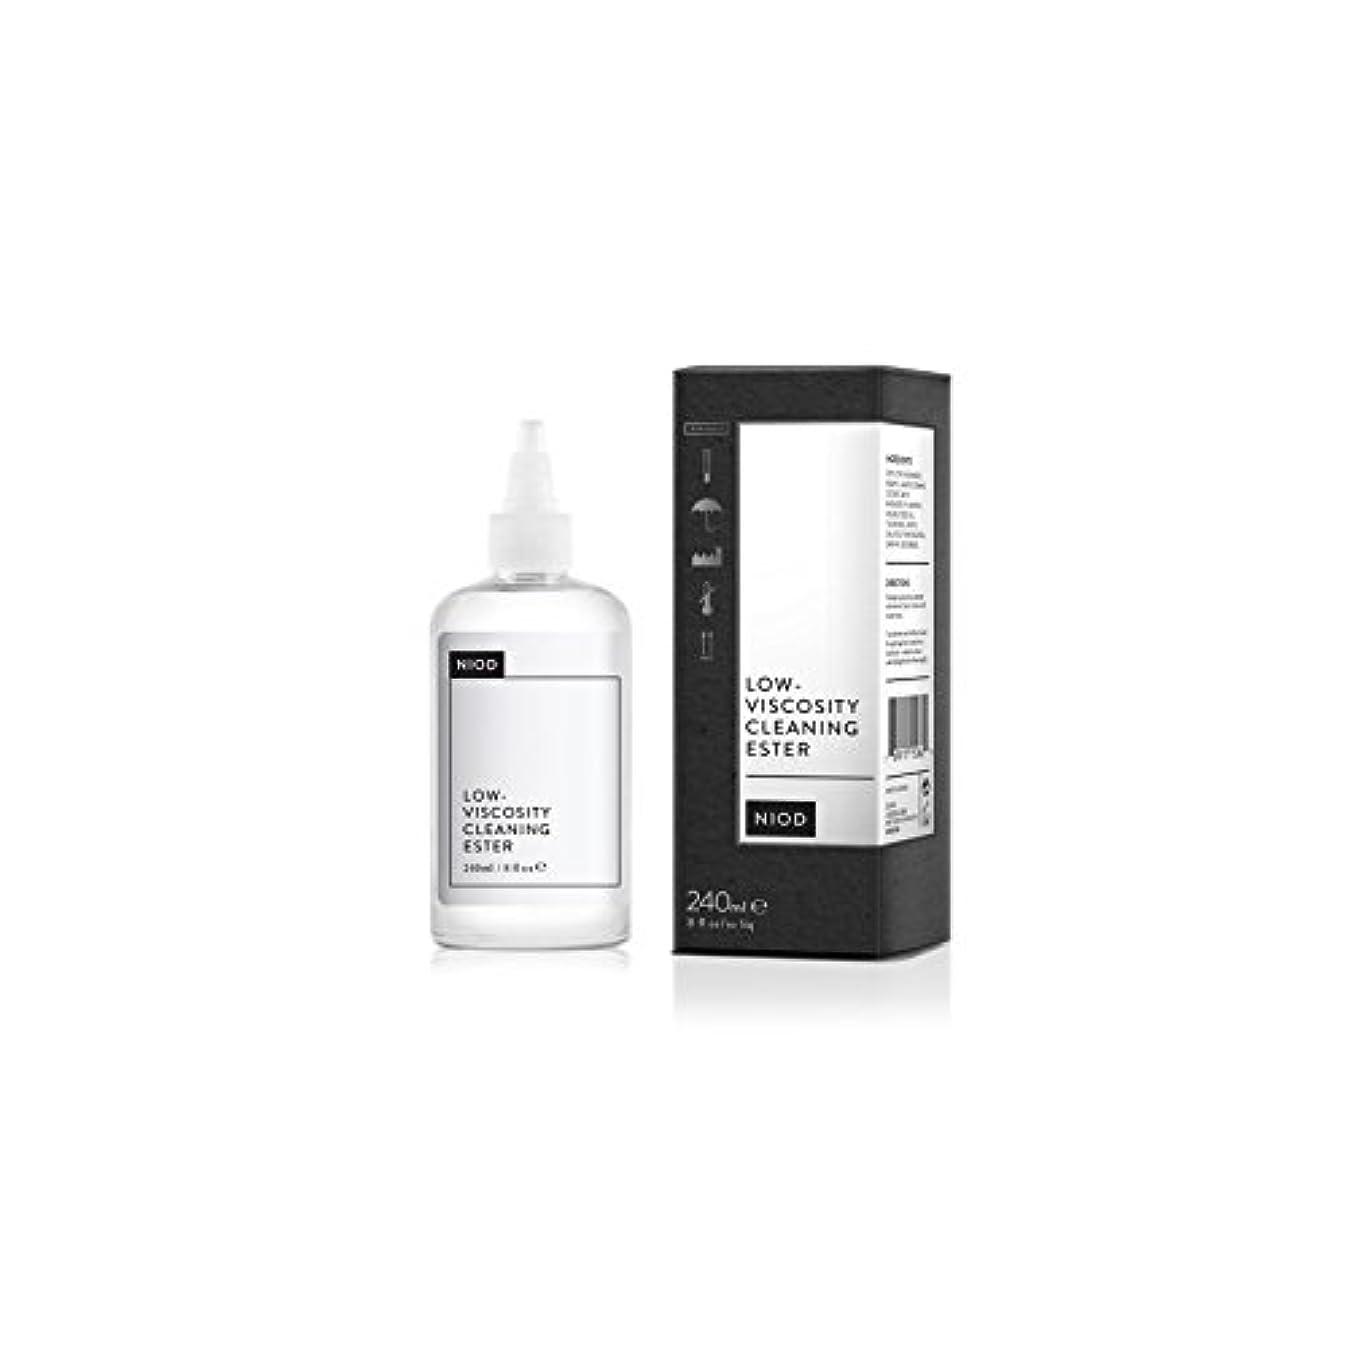 タックルあらゆる種類の無数のNiod Low-Viscosity Cleaning Ester (240ml) - 低粘度のクリーニングエステル(240ミリリットル) [並行輸入品]